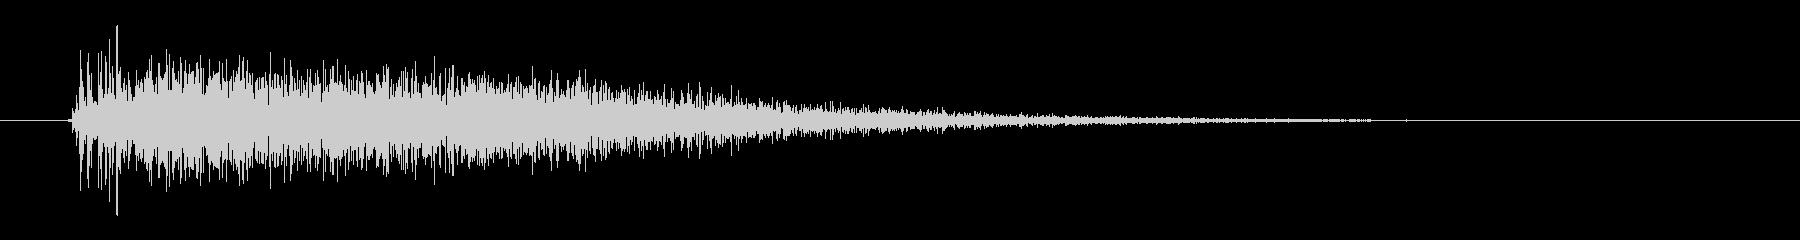 レーザー音-14-3の未再生の波形